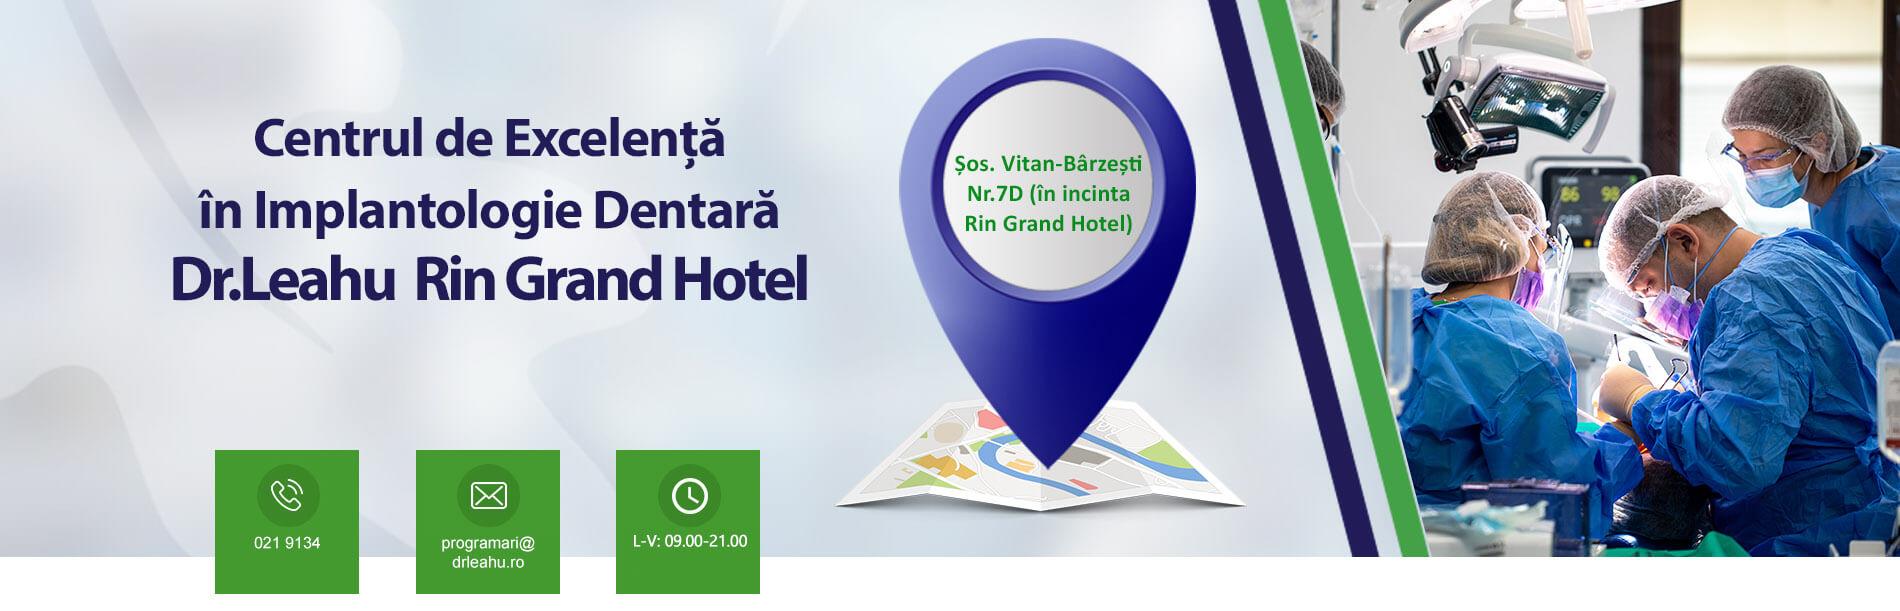 Banner al sediului Centrului de Excelență în Implantologie Dentară Dr. Leahu Rin Grand Hotel, Clinica stomatologica sector 4 Bucuresti